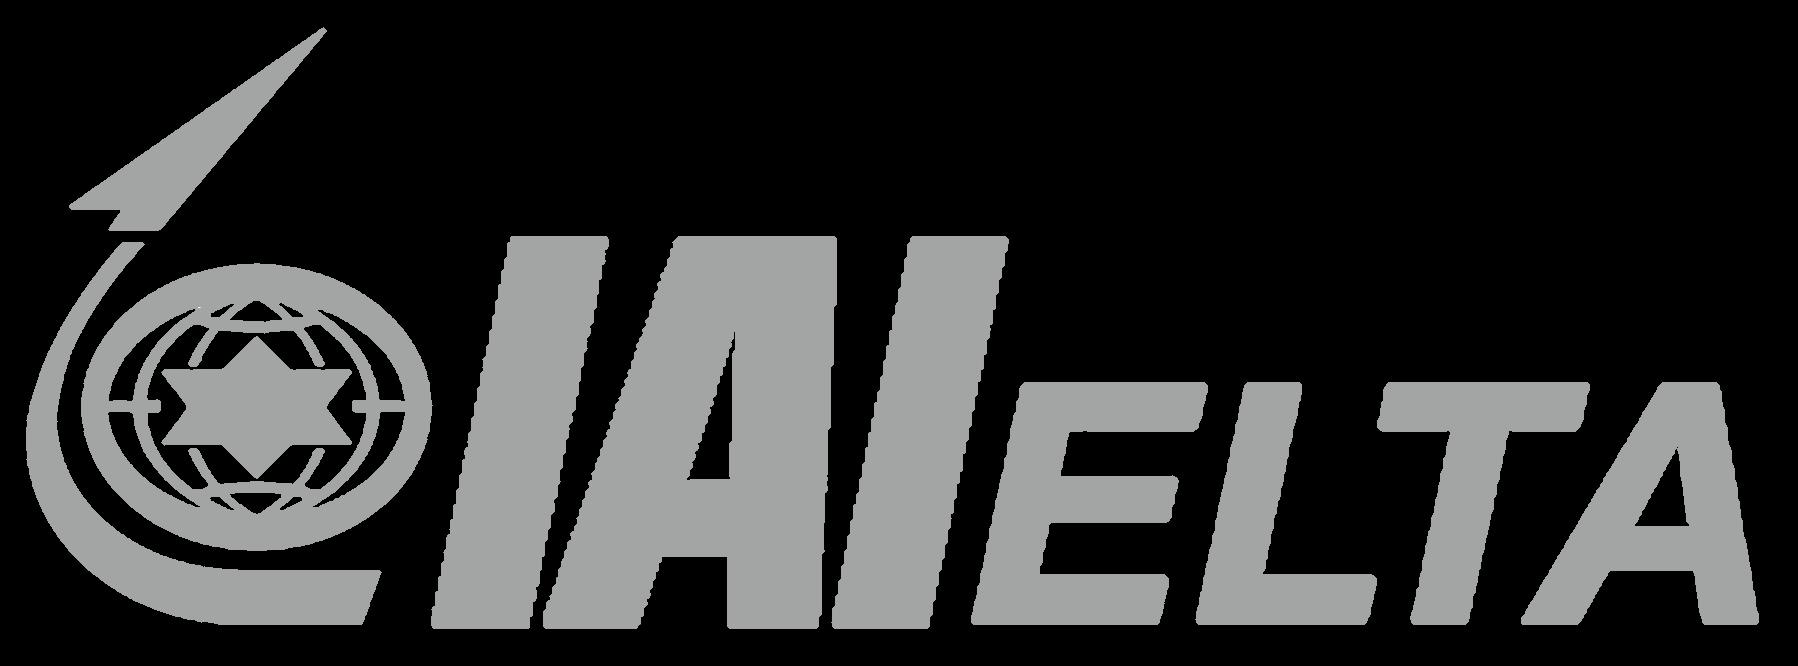 IAI-ELTA